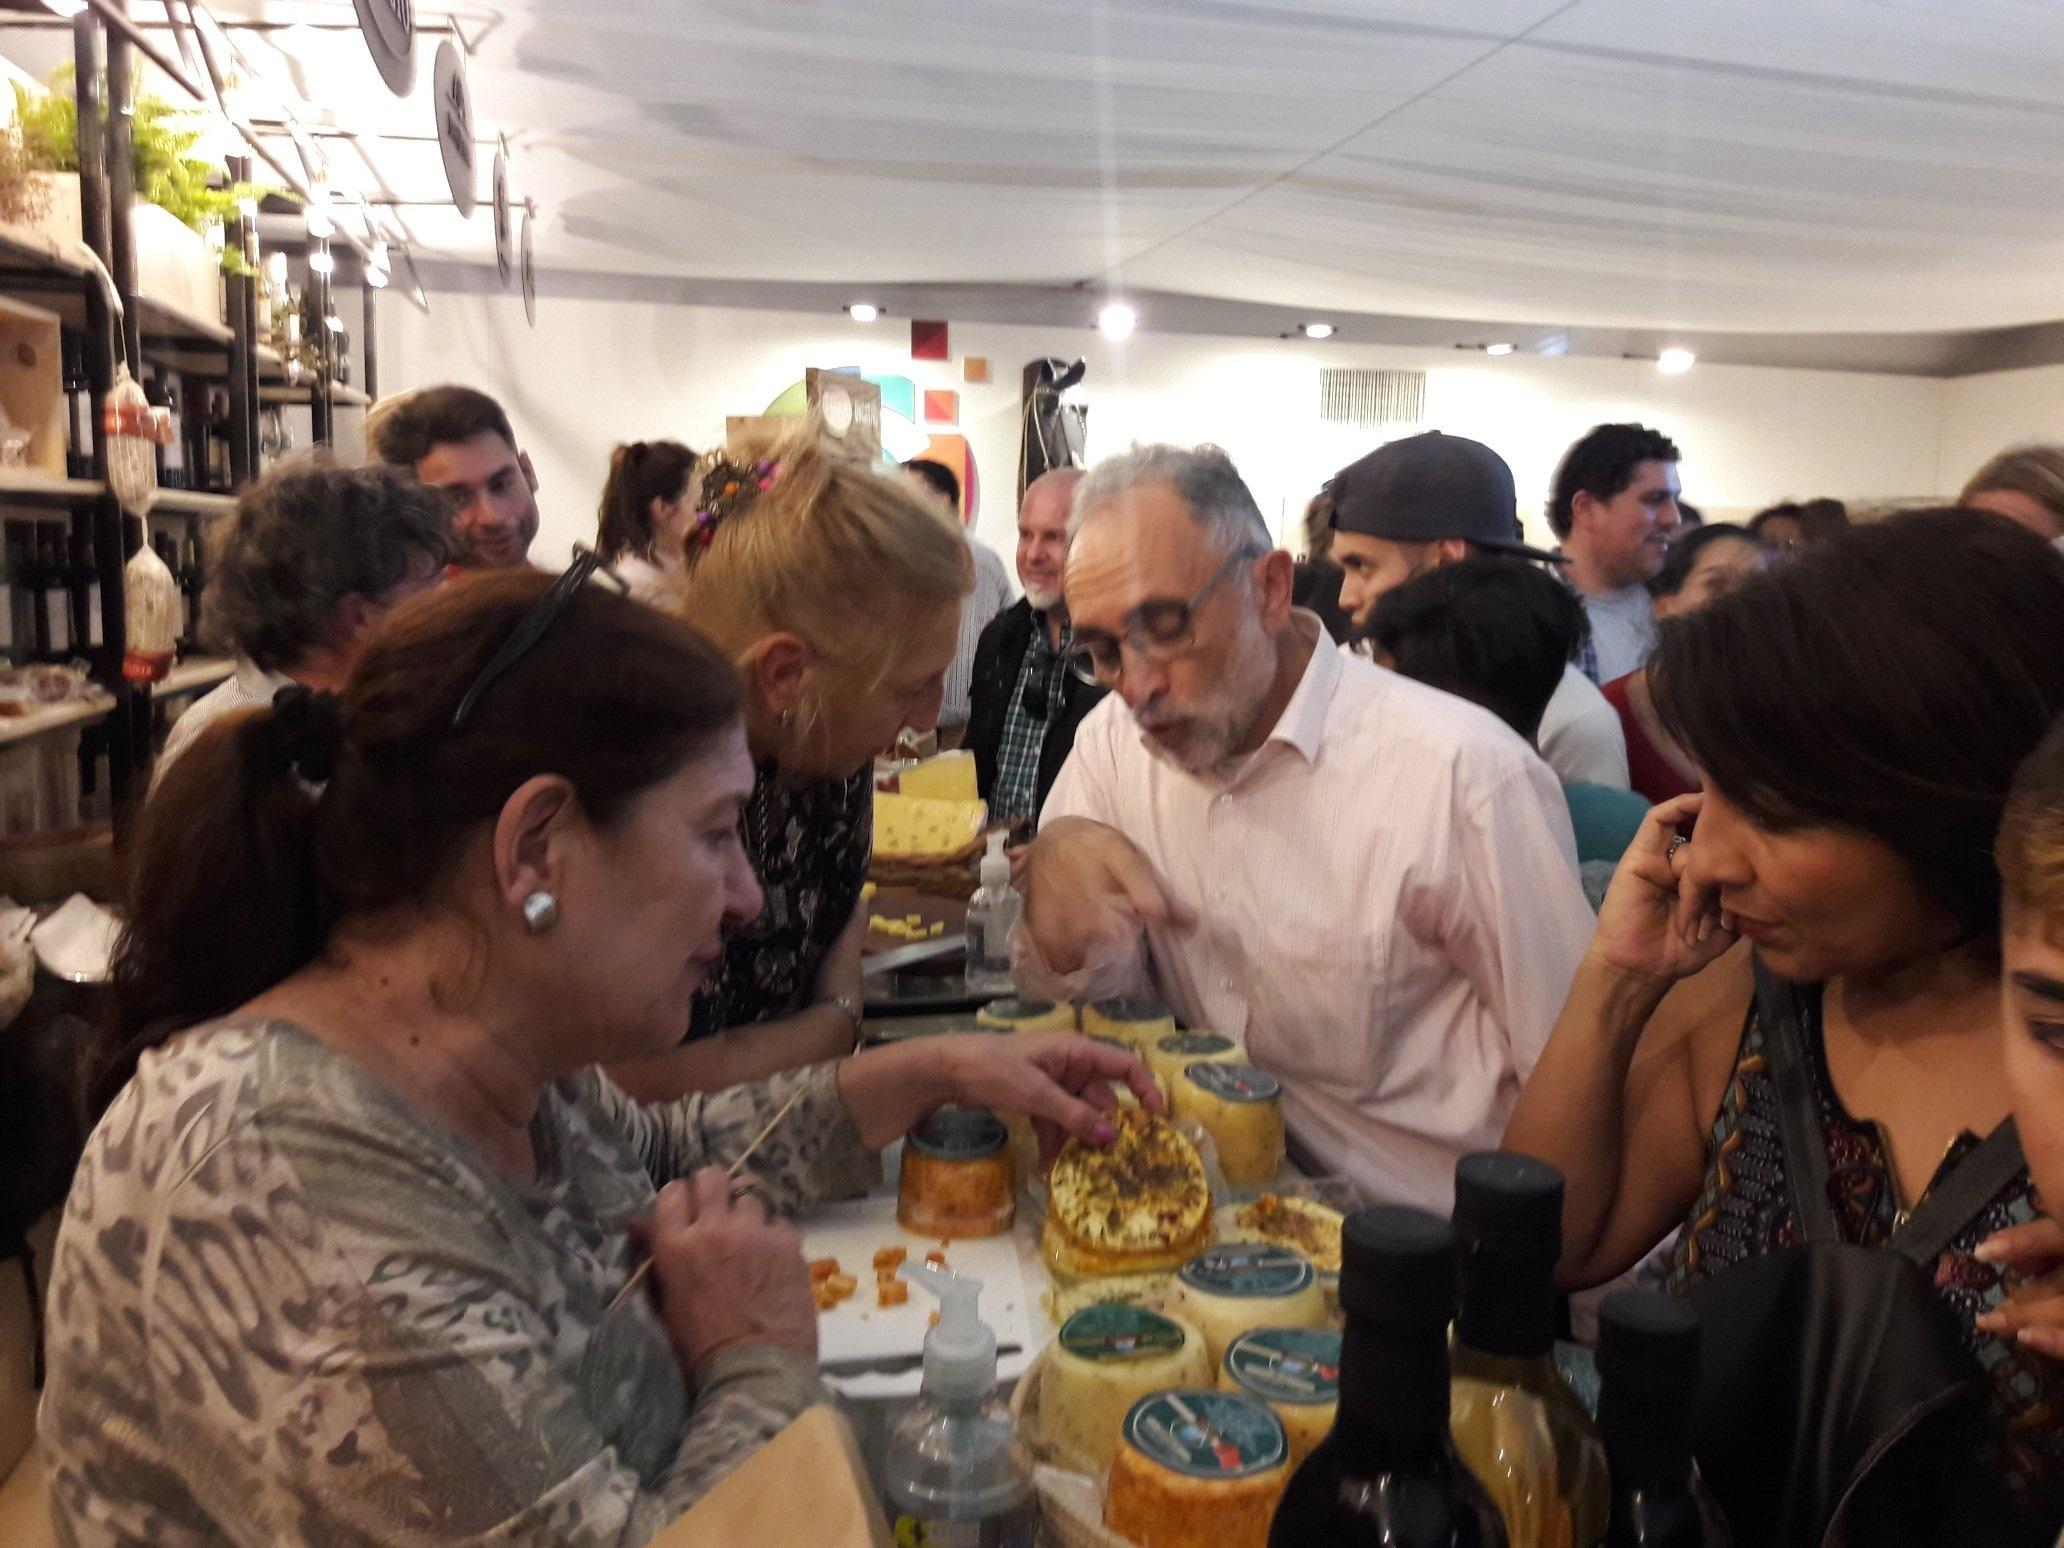 Los quesos de Córdoba llaman la atención en Palermo 2019